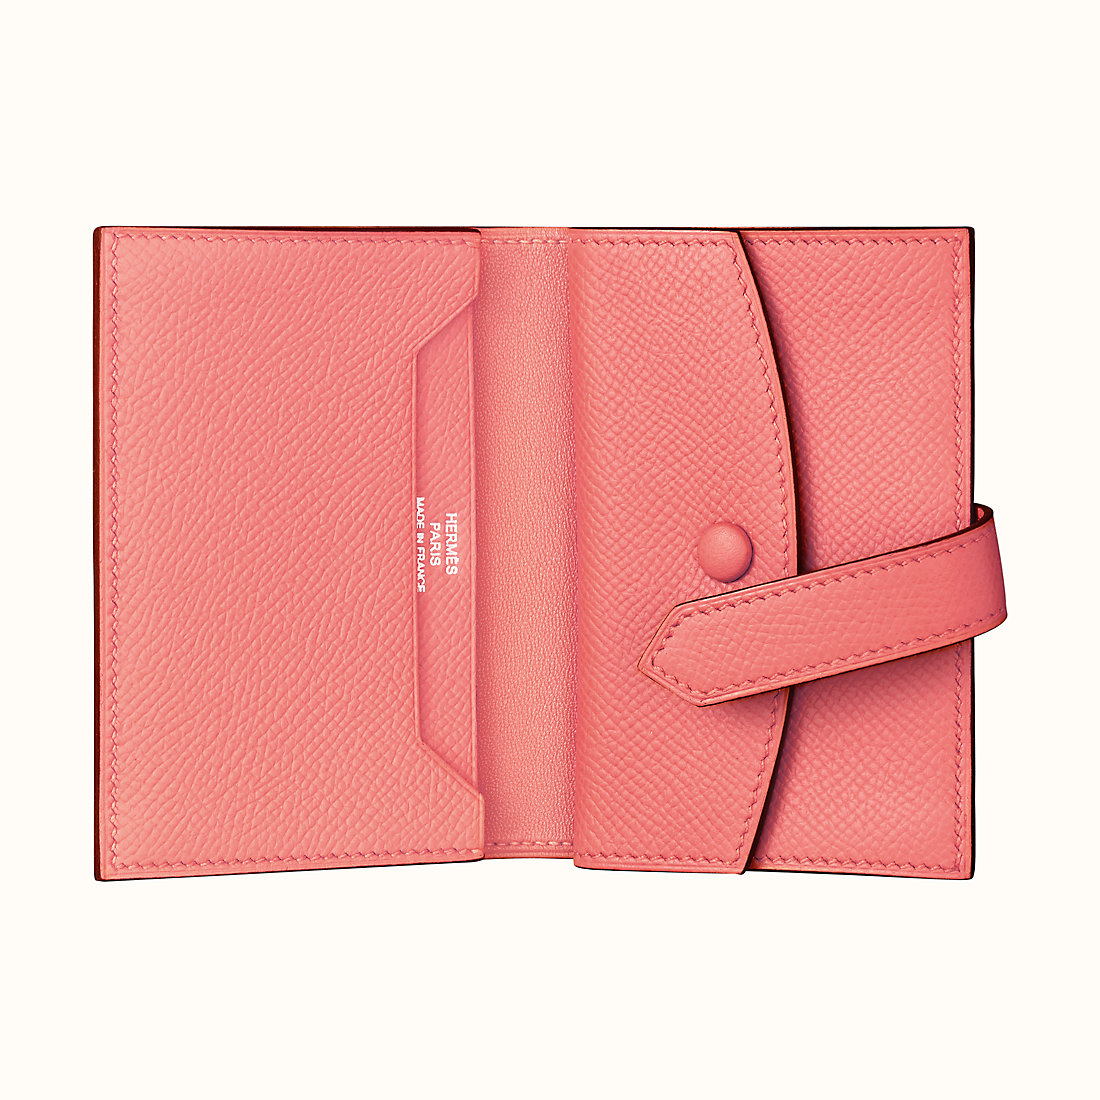 臺灣桃園縣愛馬仕短錢包 Hermes Bearn mini wallet CKK4 夏日粉 Rose Été